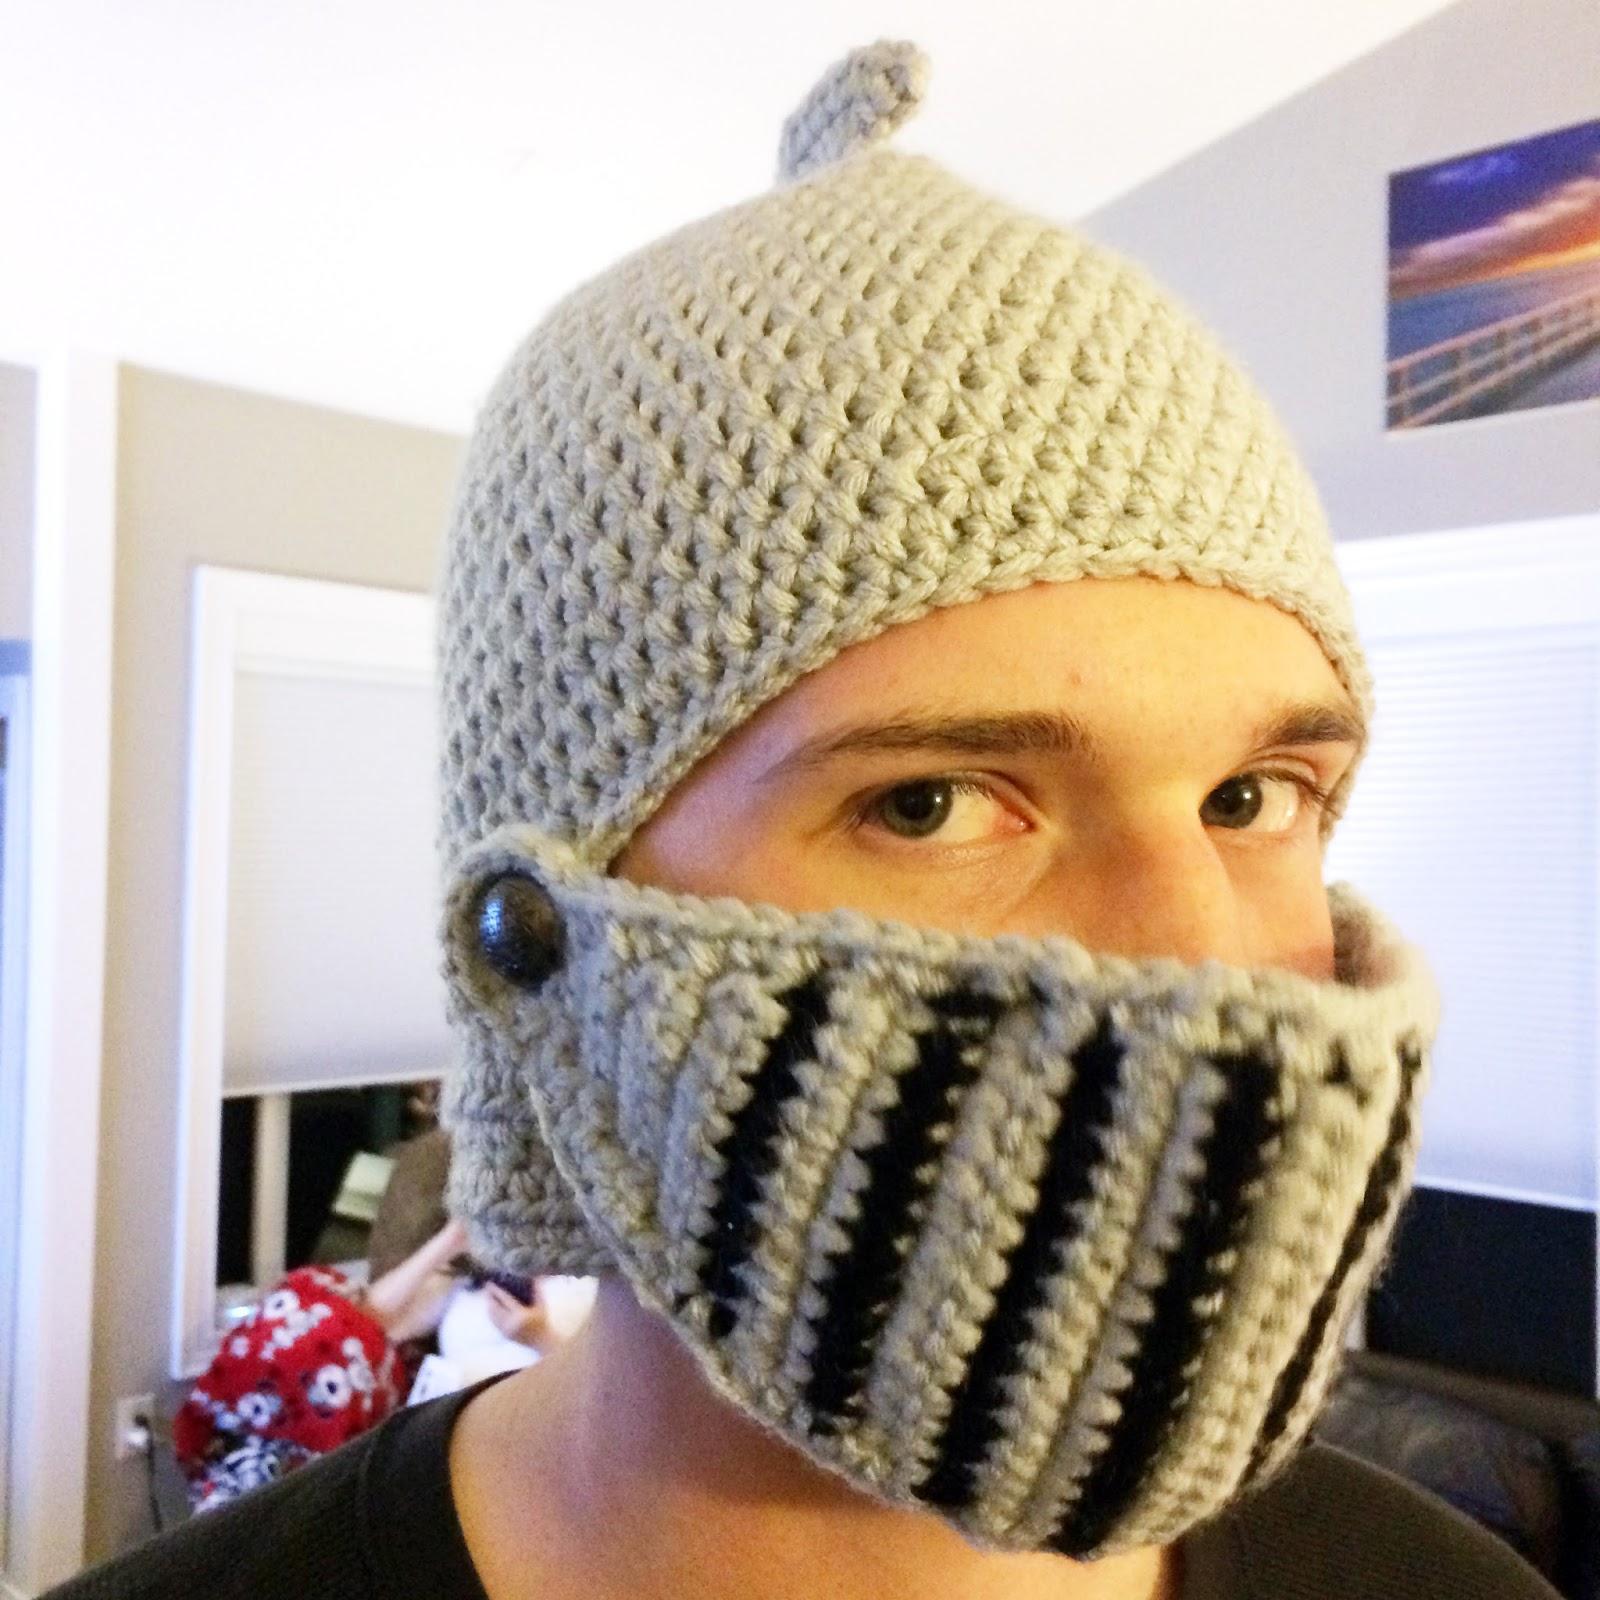 Knit Knight Helmet Pattern Free - Honoursboards.co.uk